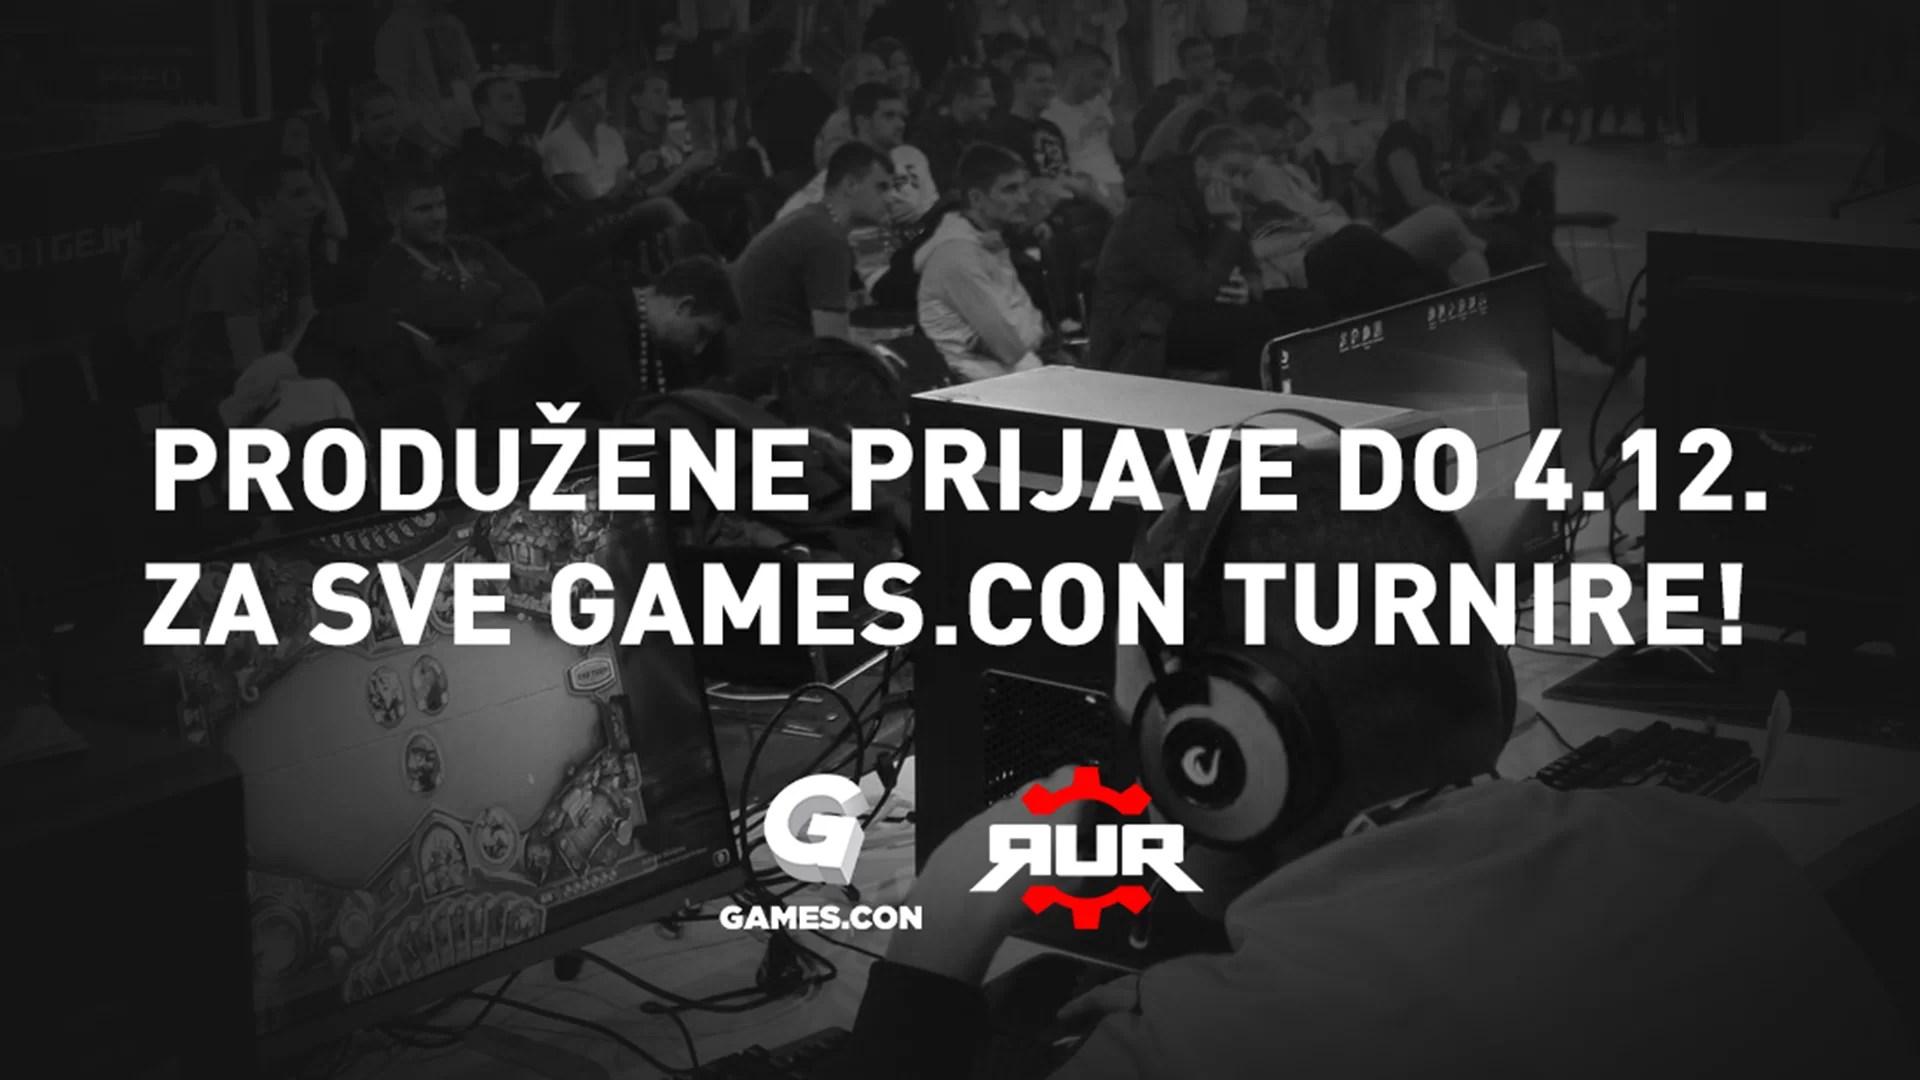 Poslednja prilika da se prijavite na Games.con turnire